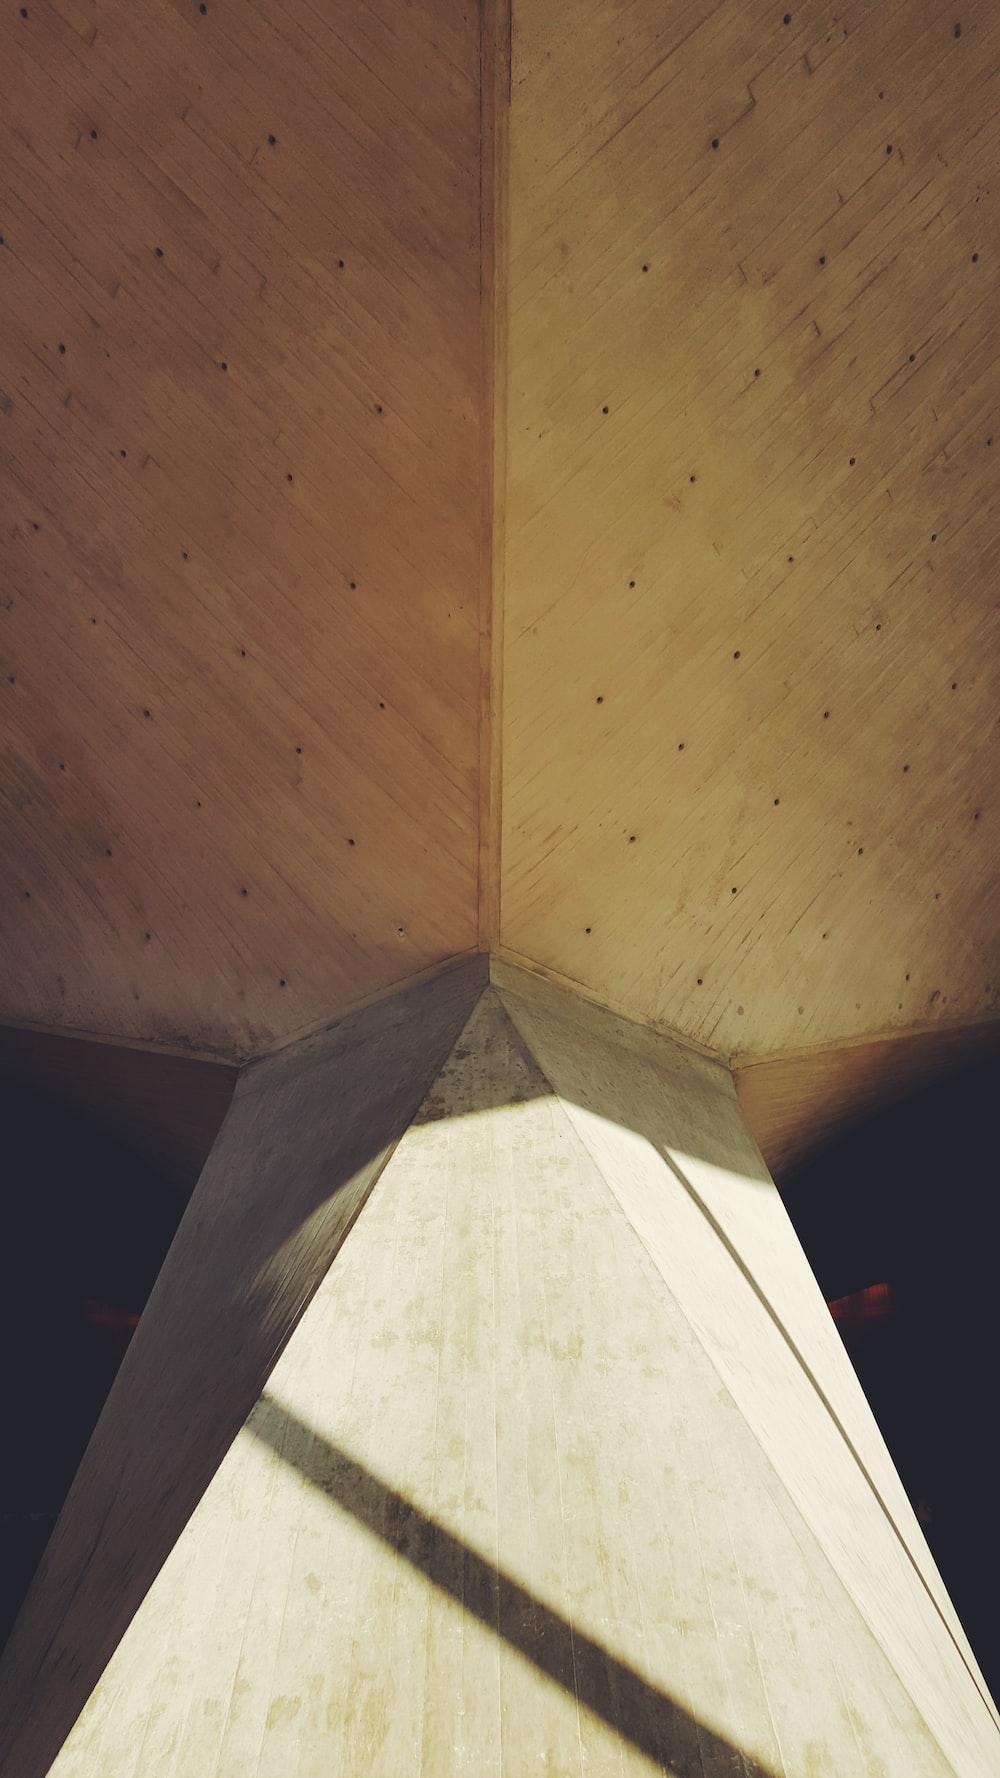 brown wooden baord